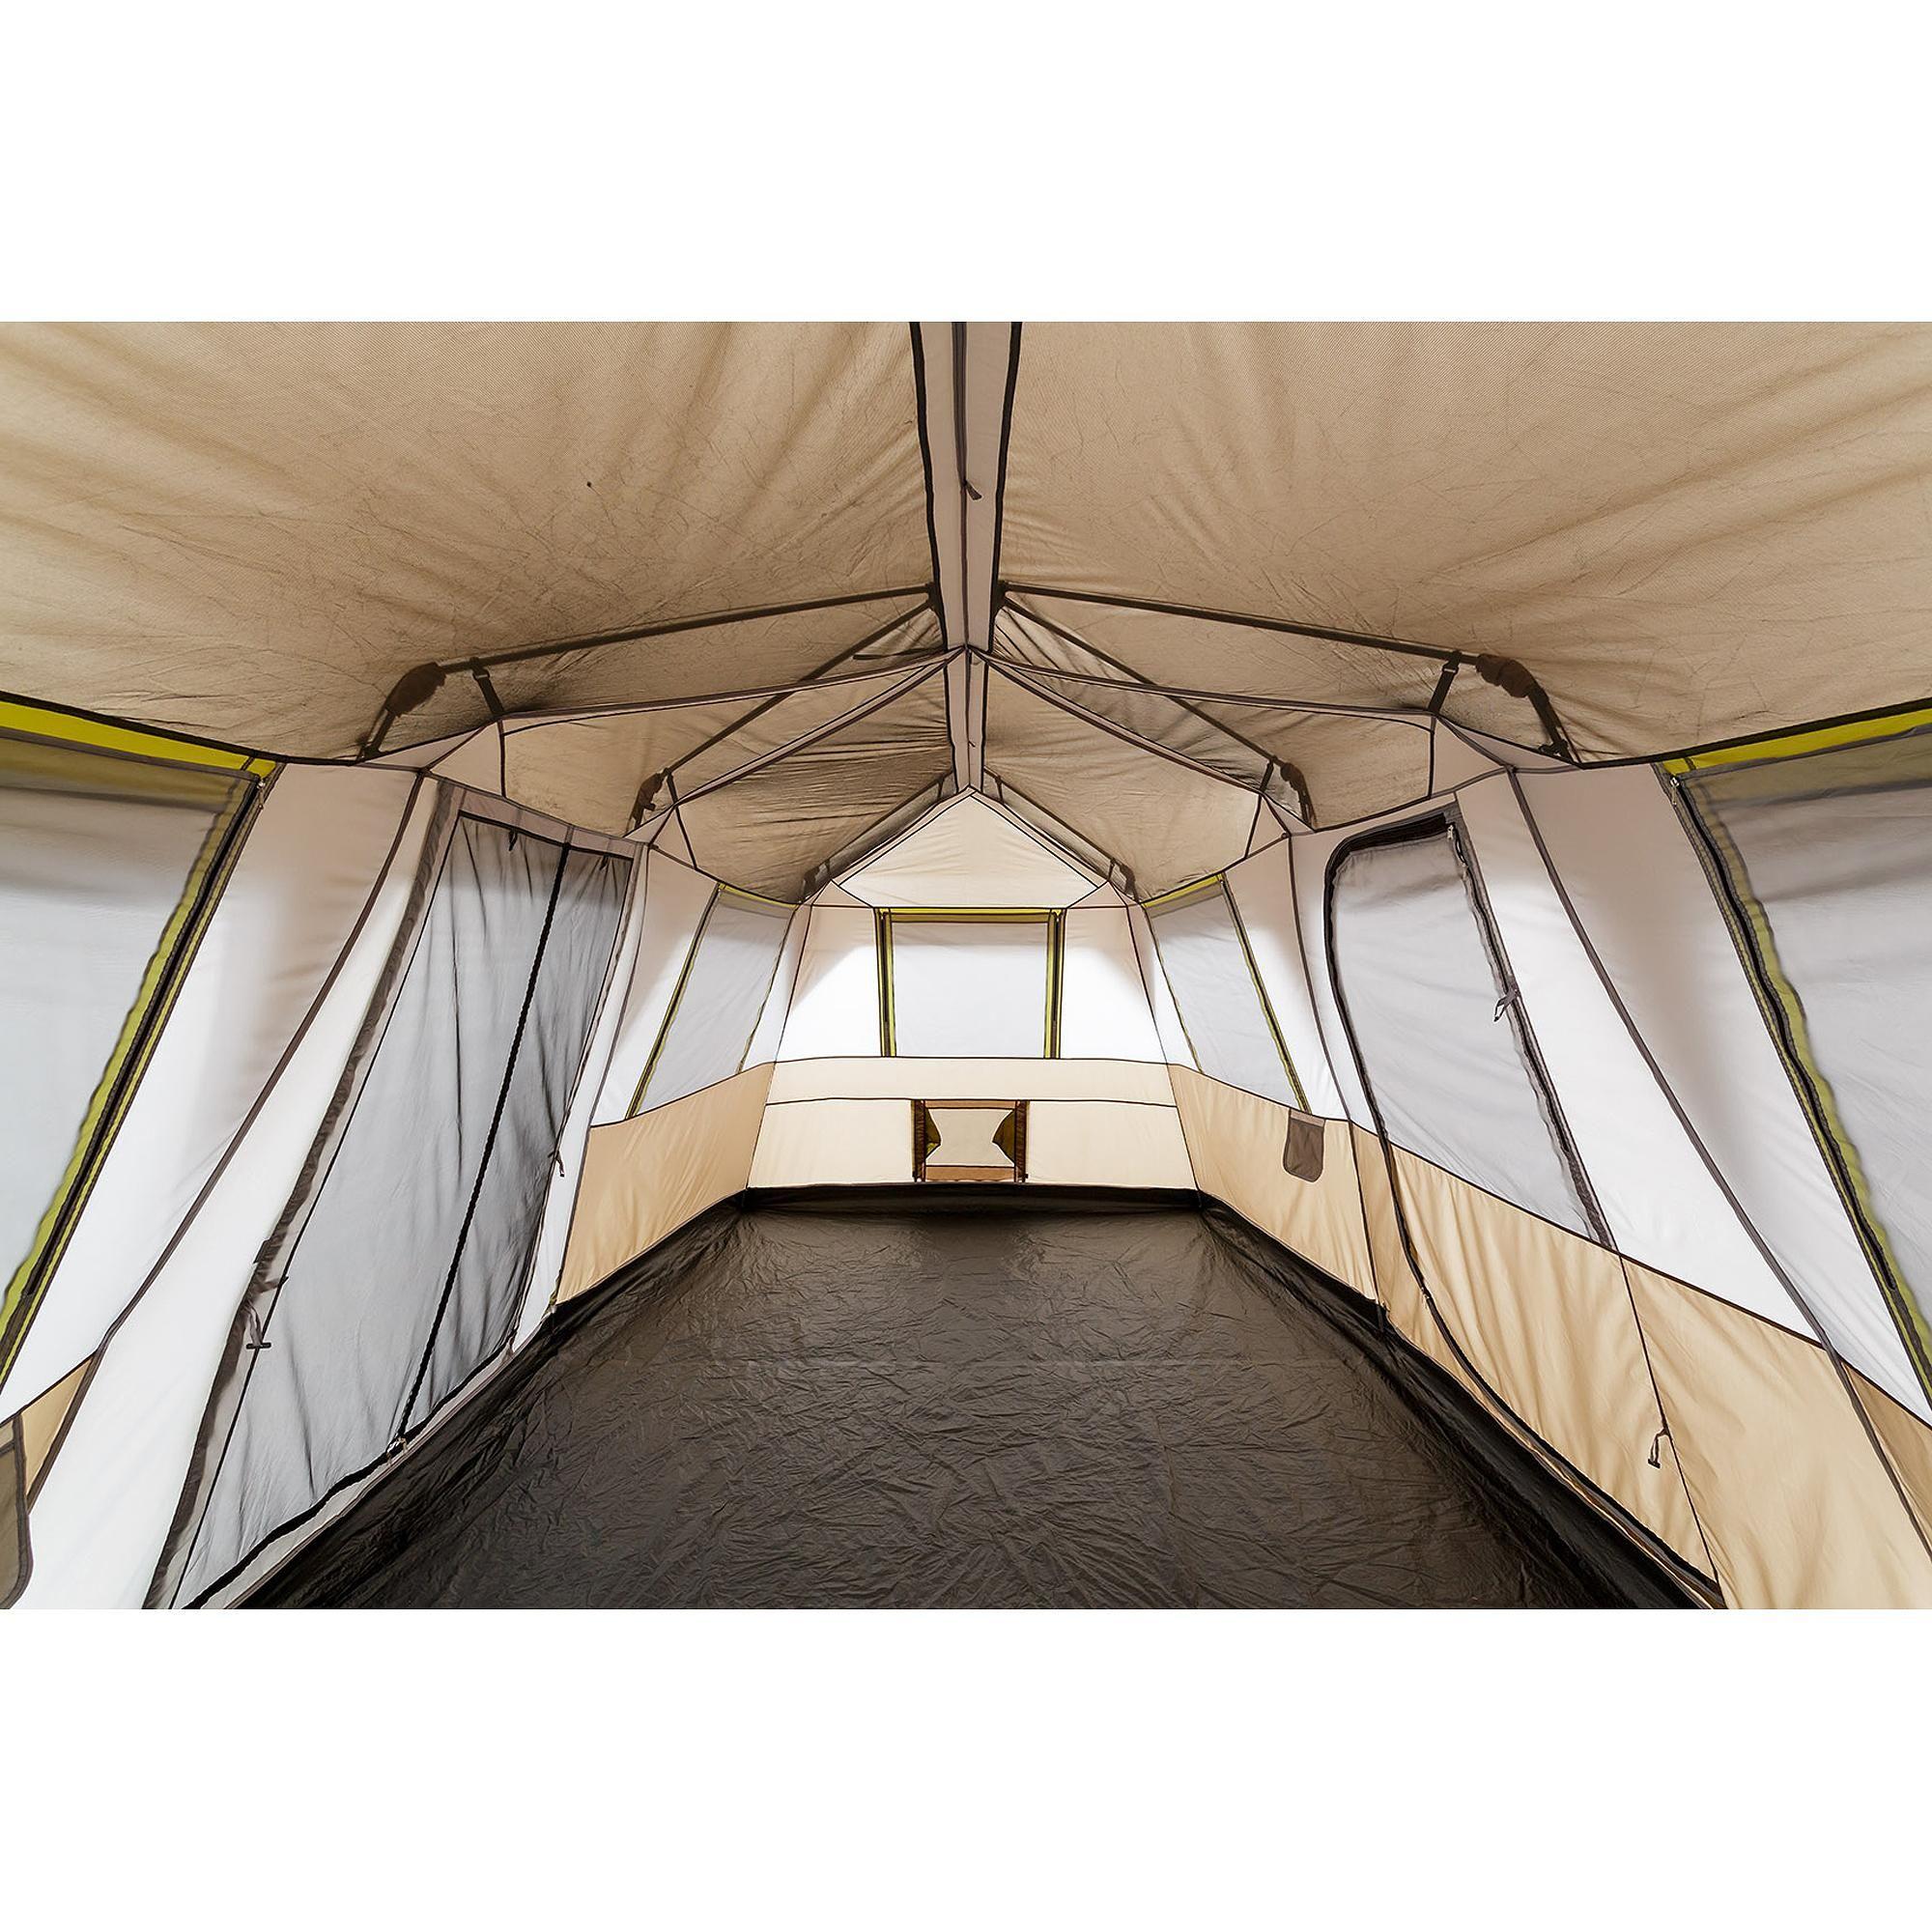 Ozark Trail 10 Person Instant Cabin Tent - Walmart.com  sc 1 st  Pinterest & Ozark Trail 10 Person Instant Cabin Tent - Walmart.com | tent ...